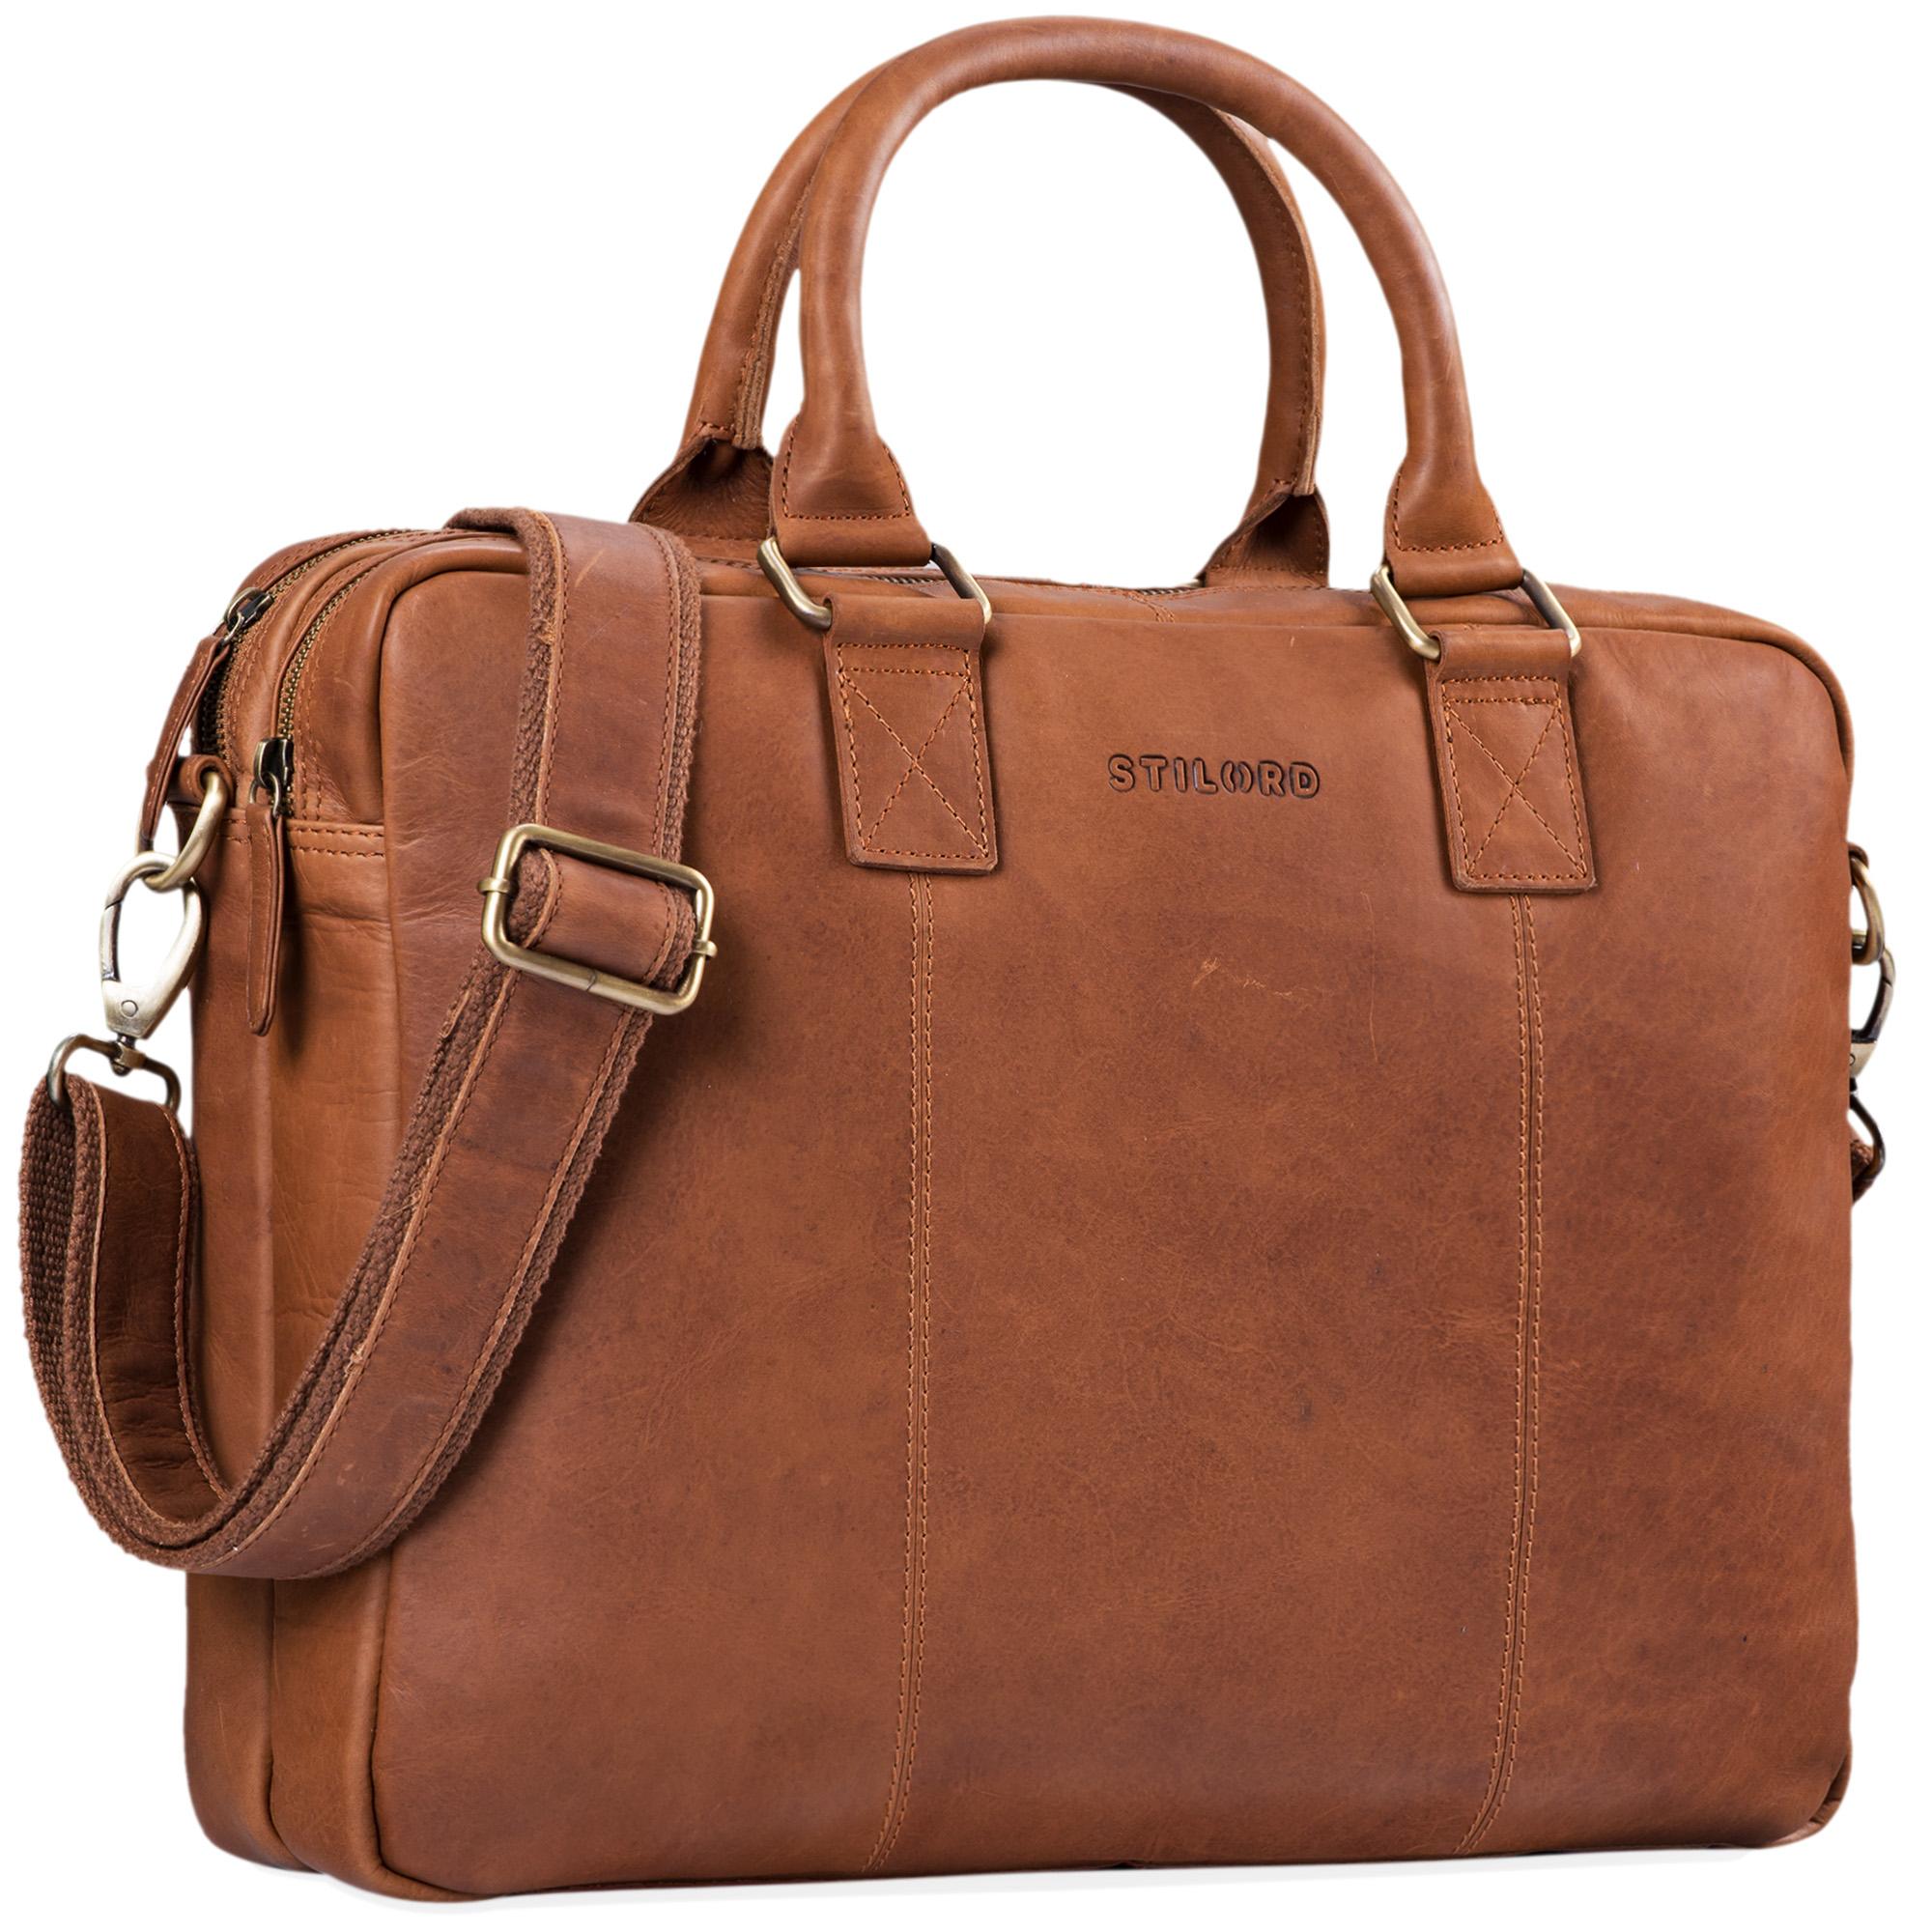 """STILORD """"Zacharias"""" Vintage Businesstasche Leder Aktentasche groß XL 15,6 Zoll Laptoptasche Schultertasche Umhängetasche Echtleder - Bild 9"""